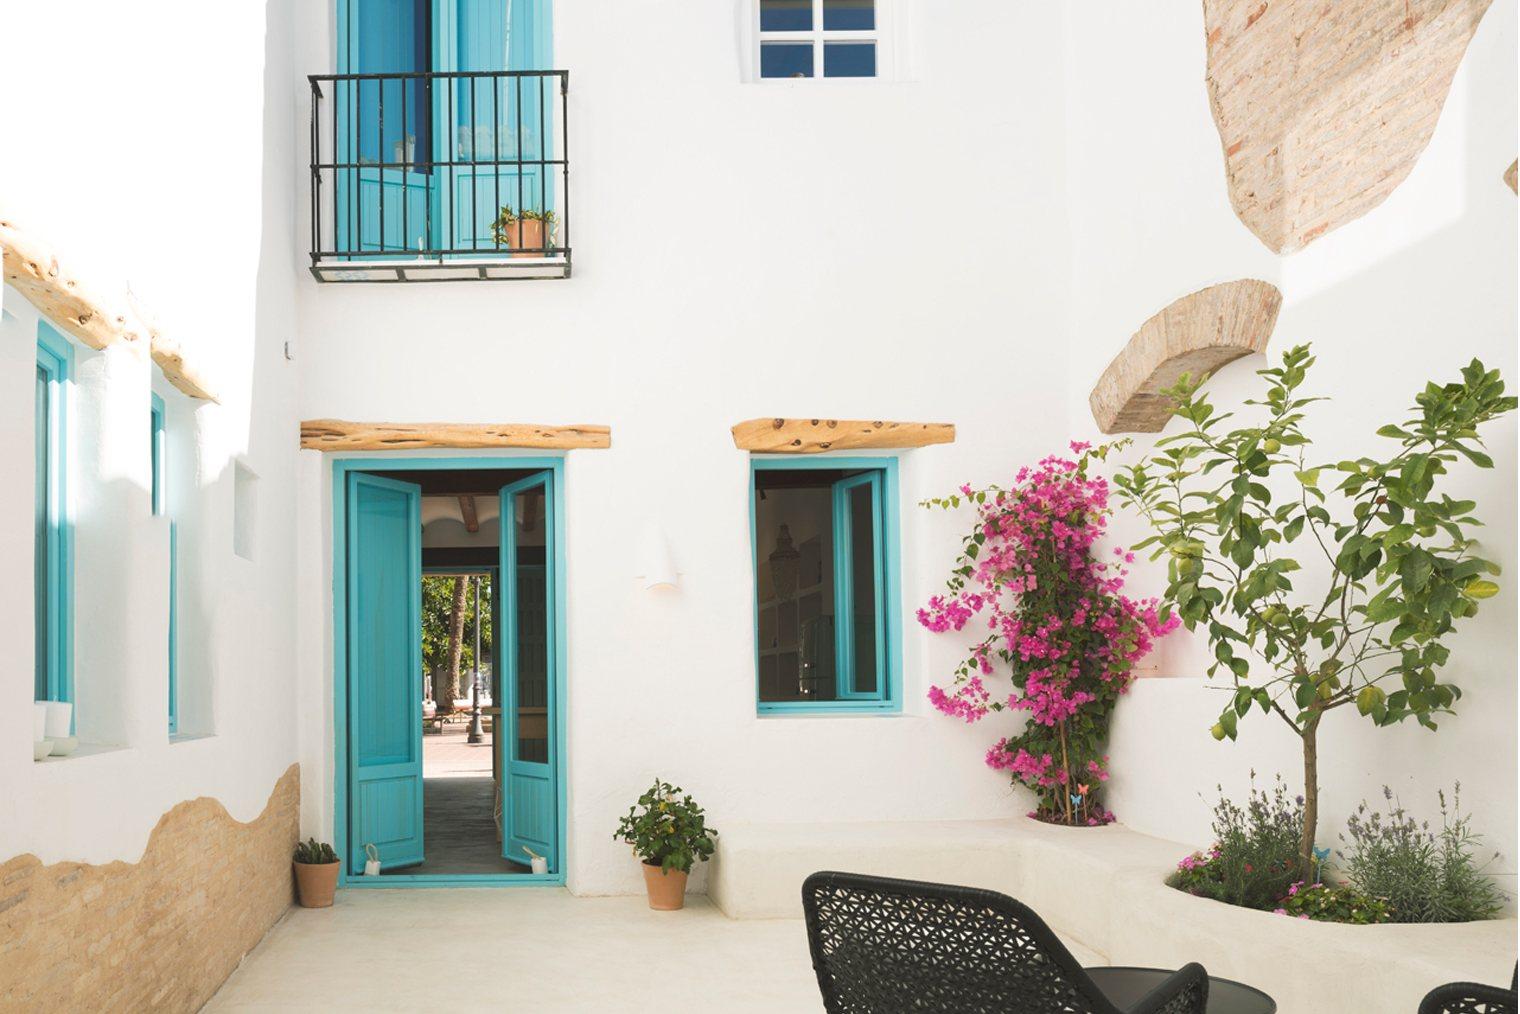 La casa del puerto apartamentos para un verano mediterr neo - Casas del mediterraneo valencia ...